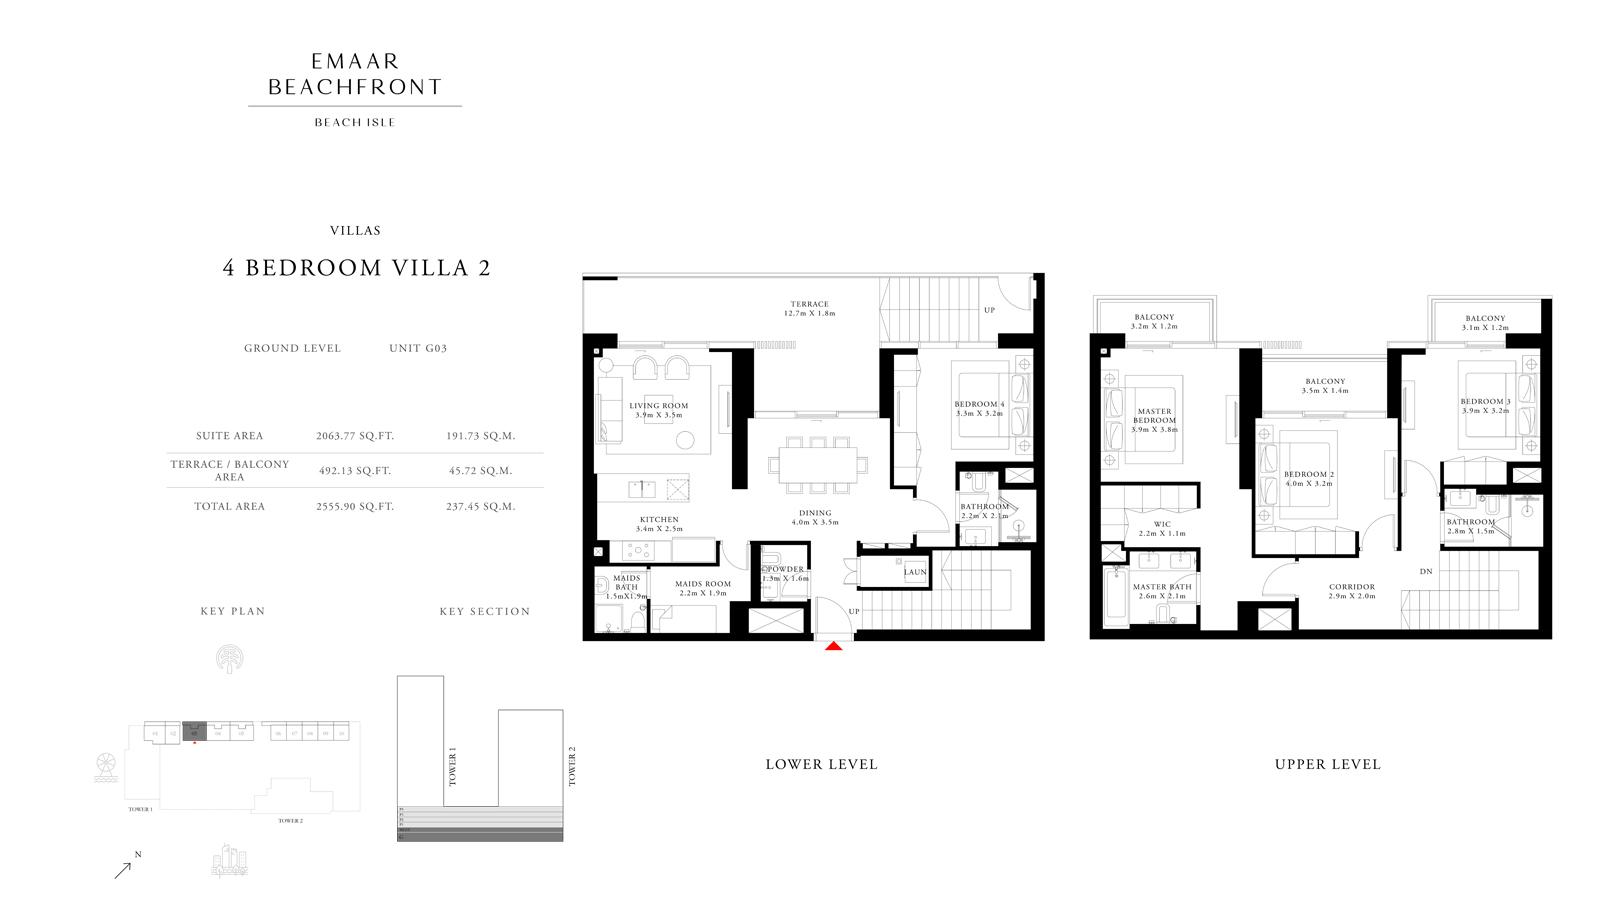 4 Bedroom Villas 2, Size 2555 sq ft